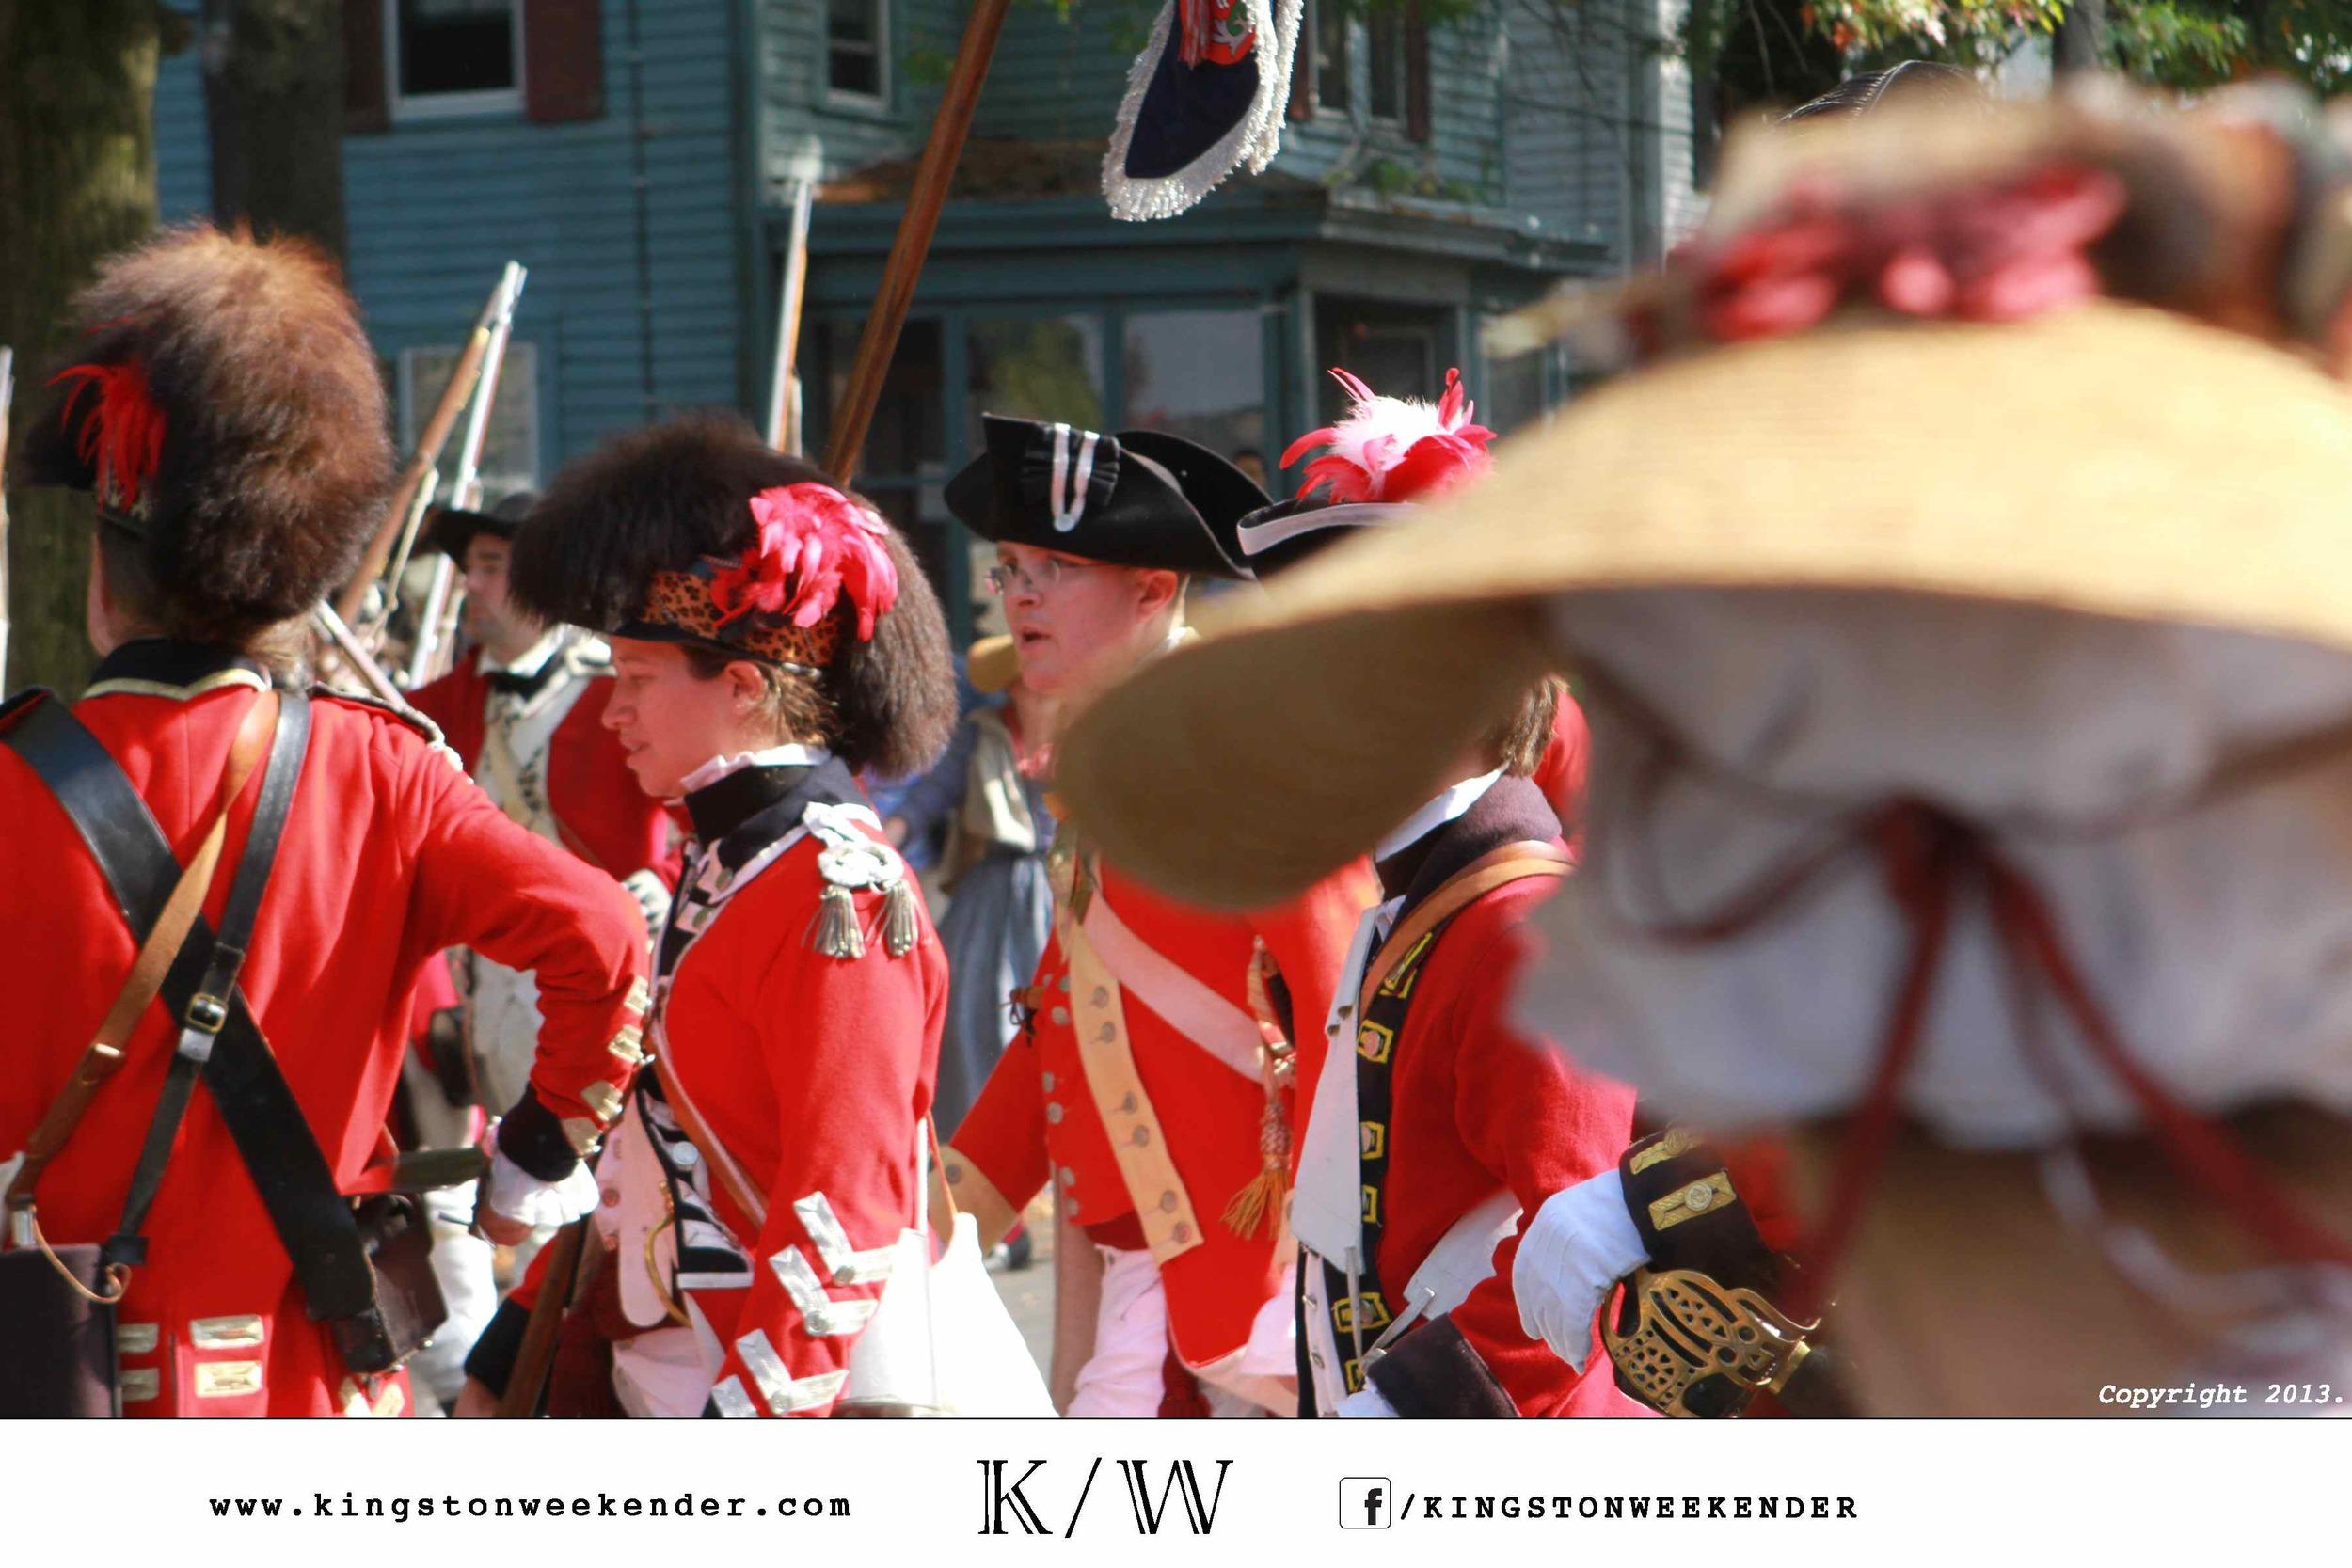 kingston-weekender-photo-credits50.jpg